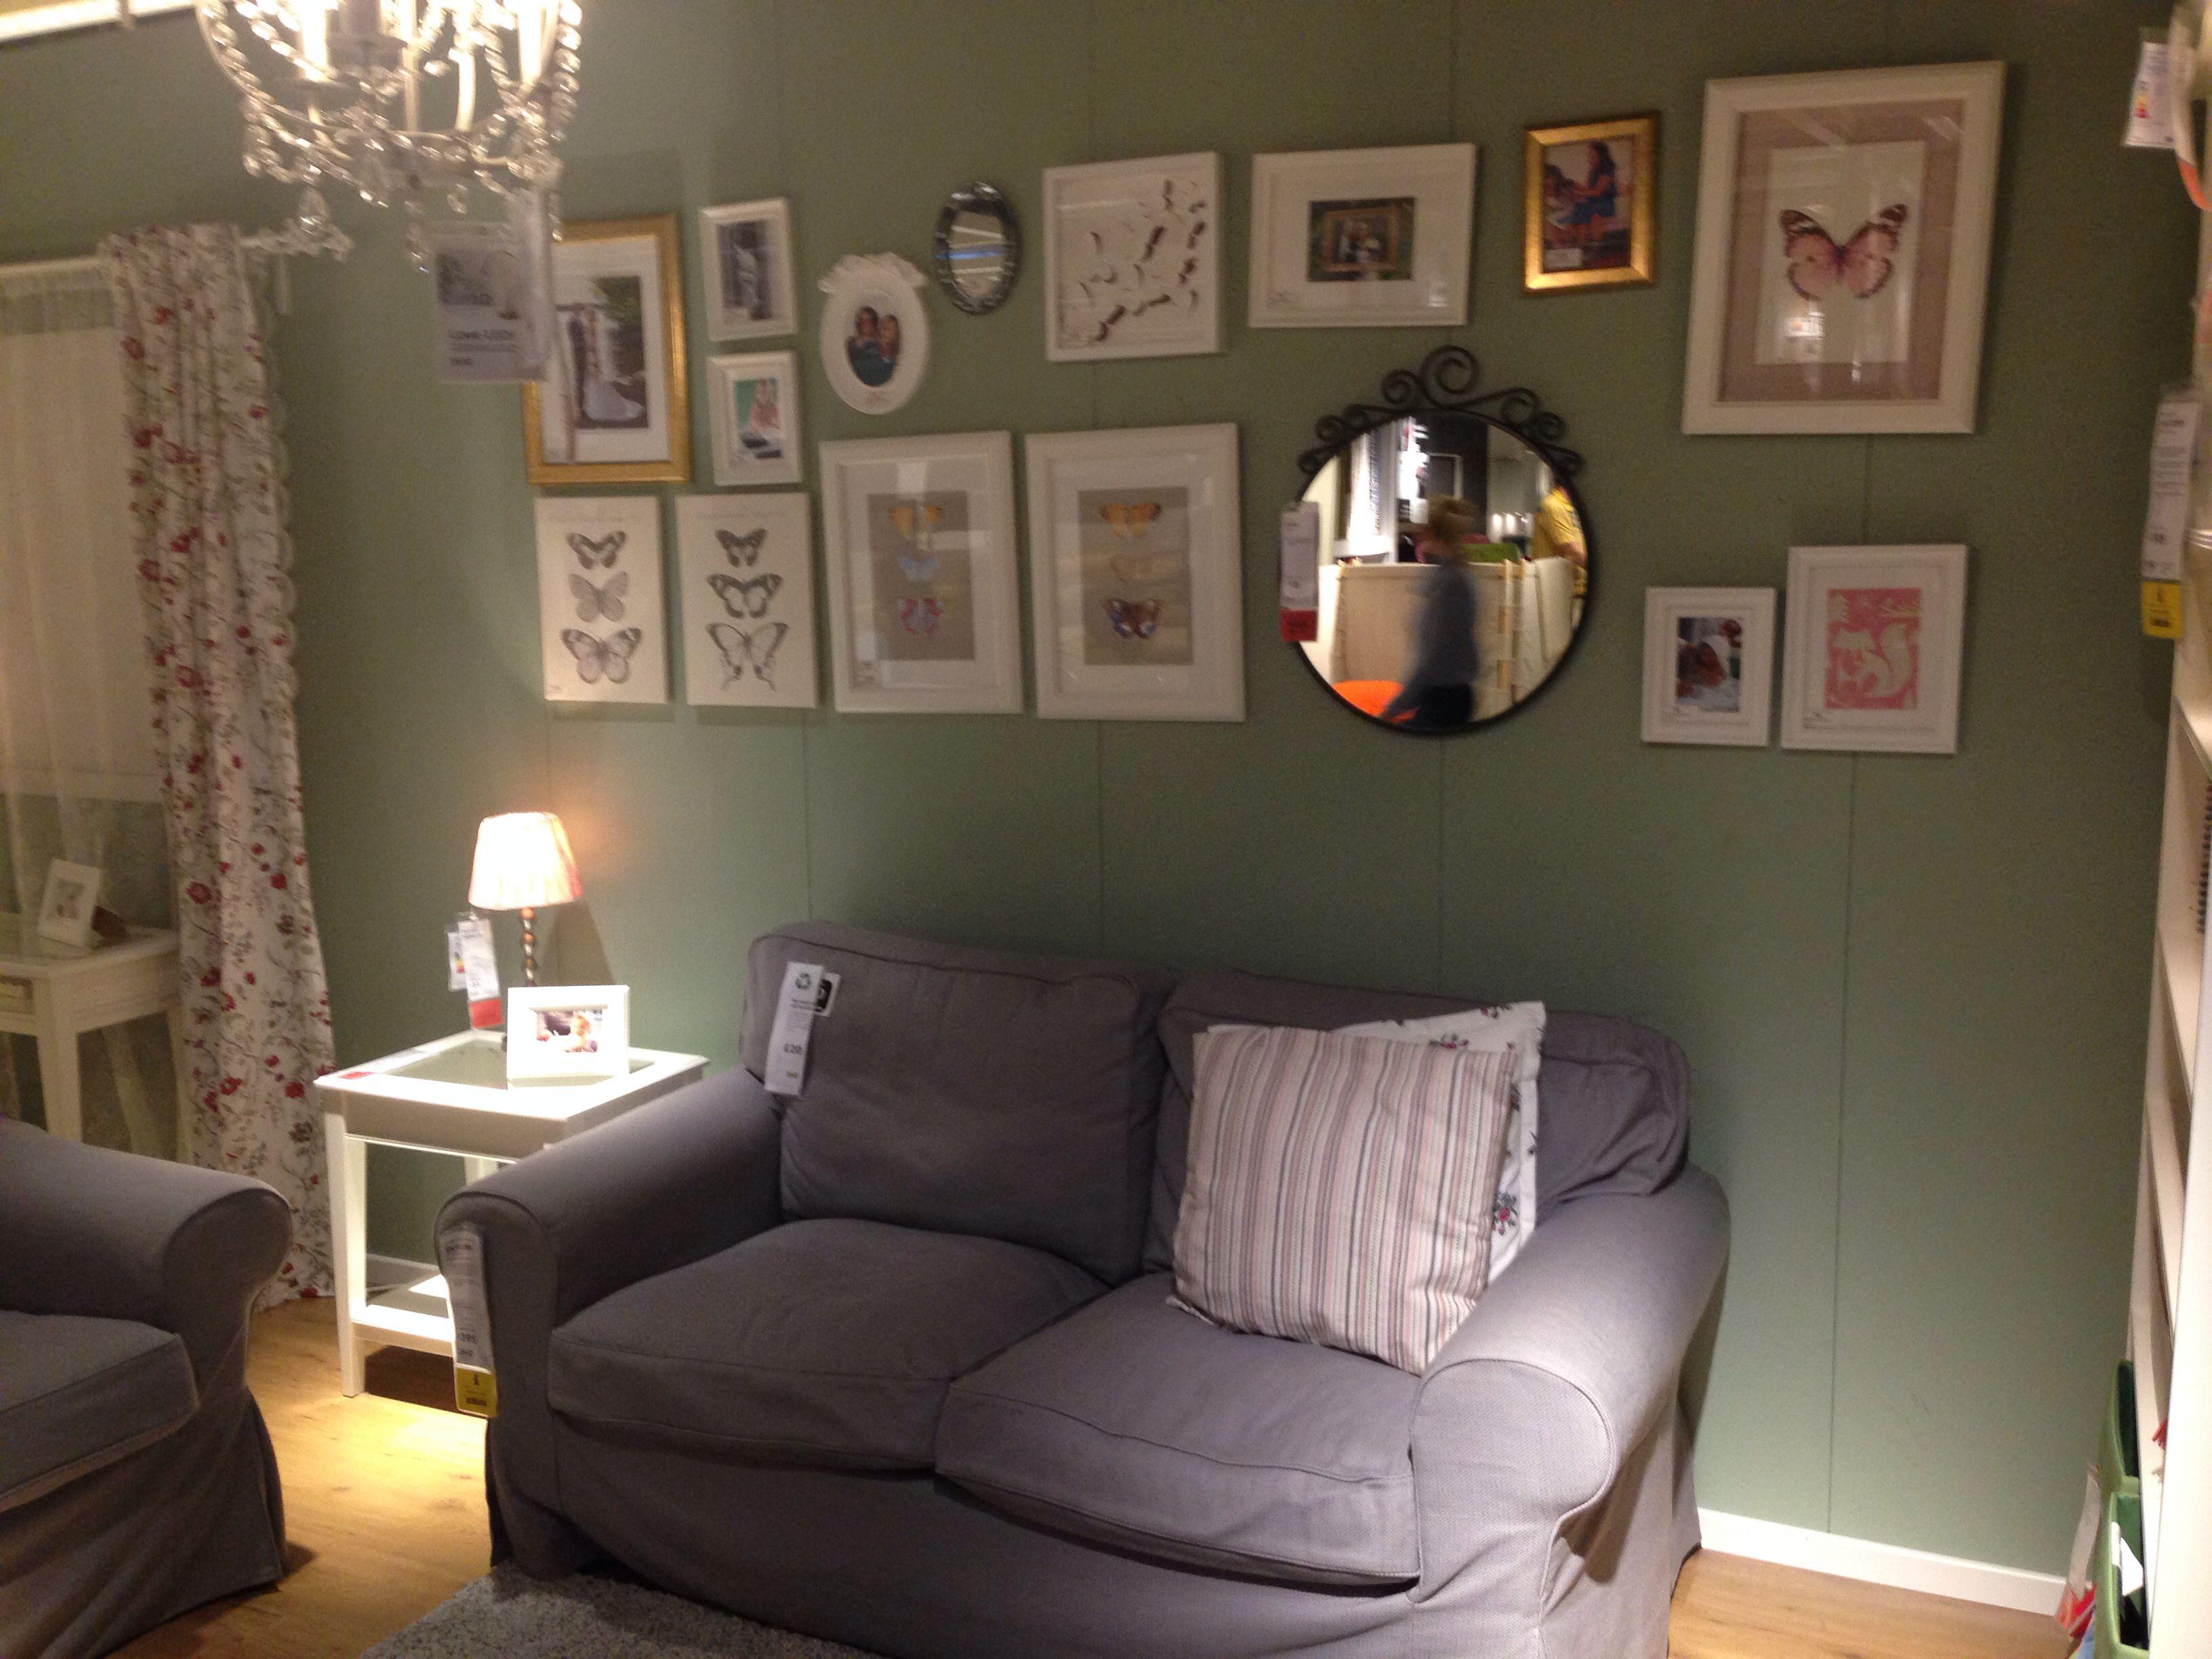 Frames on the wall @ikea #ikea